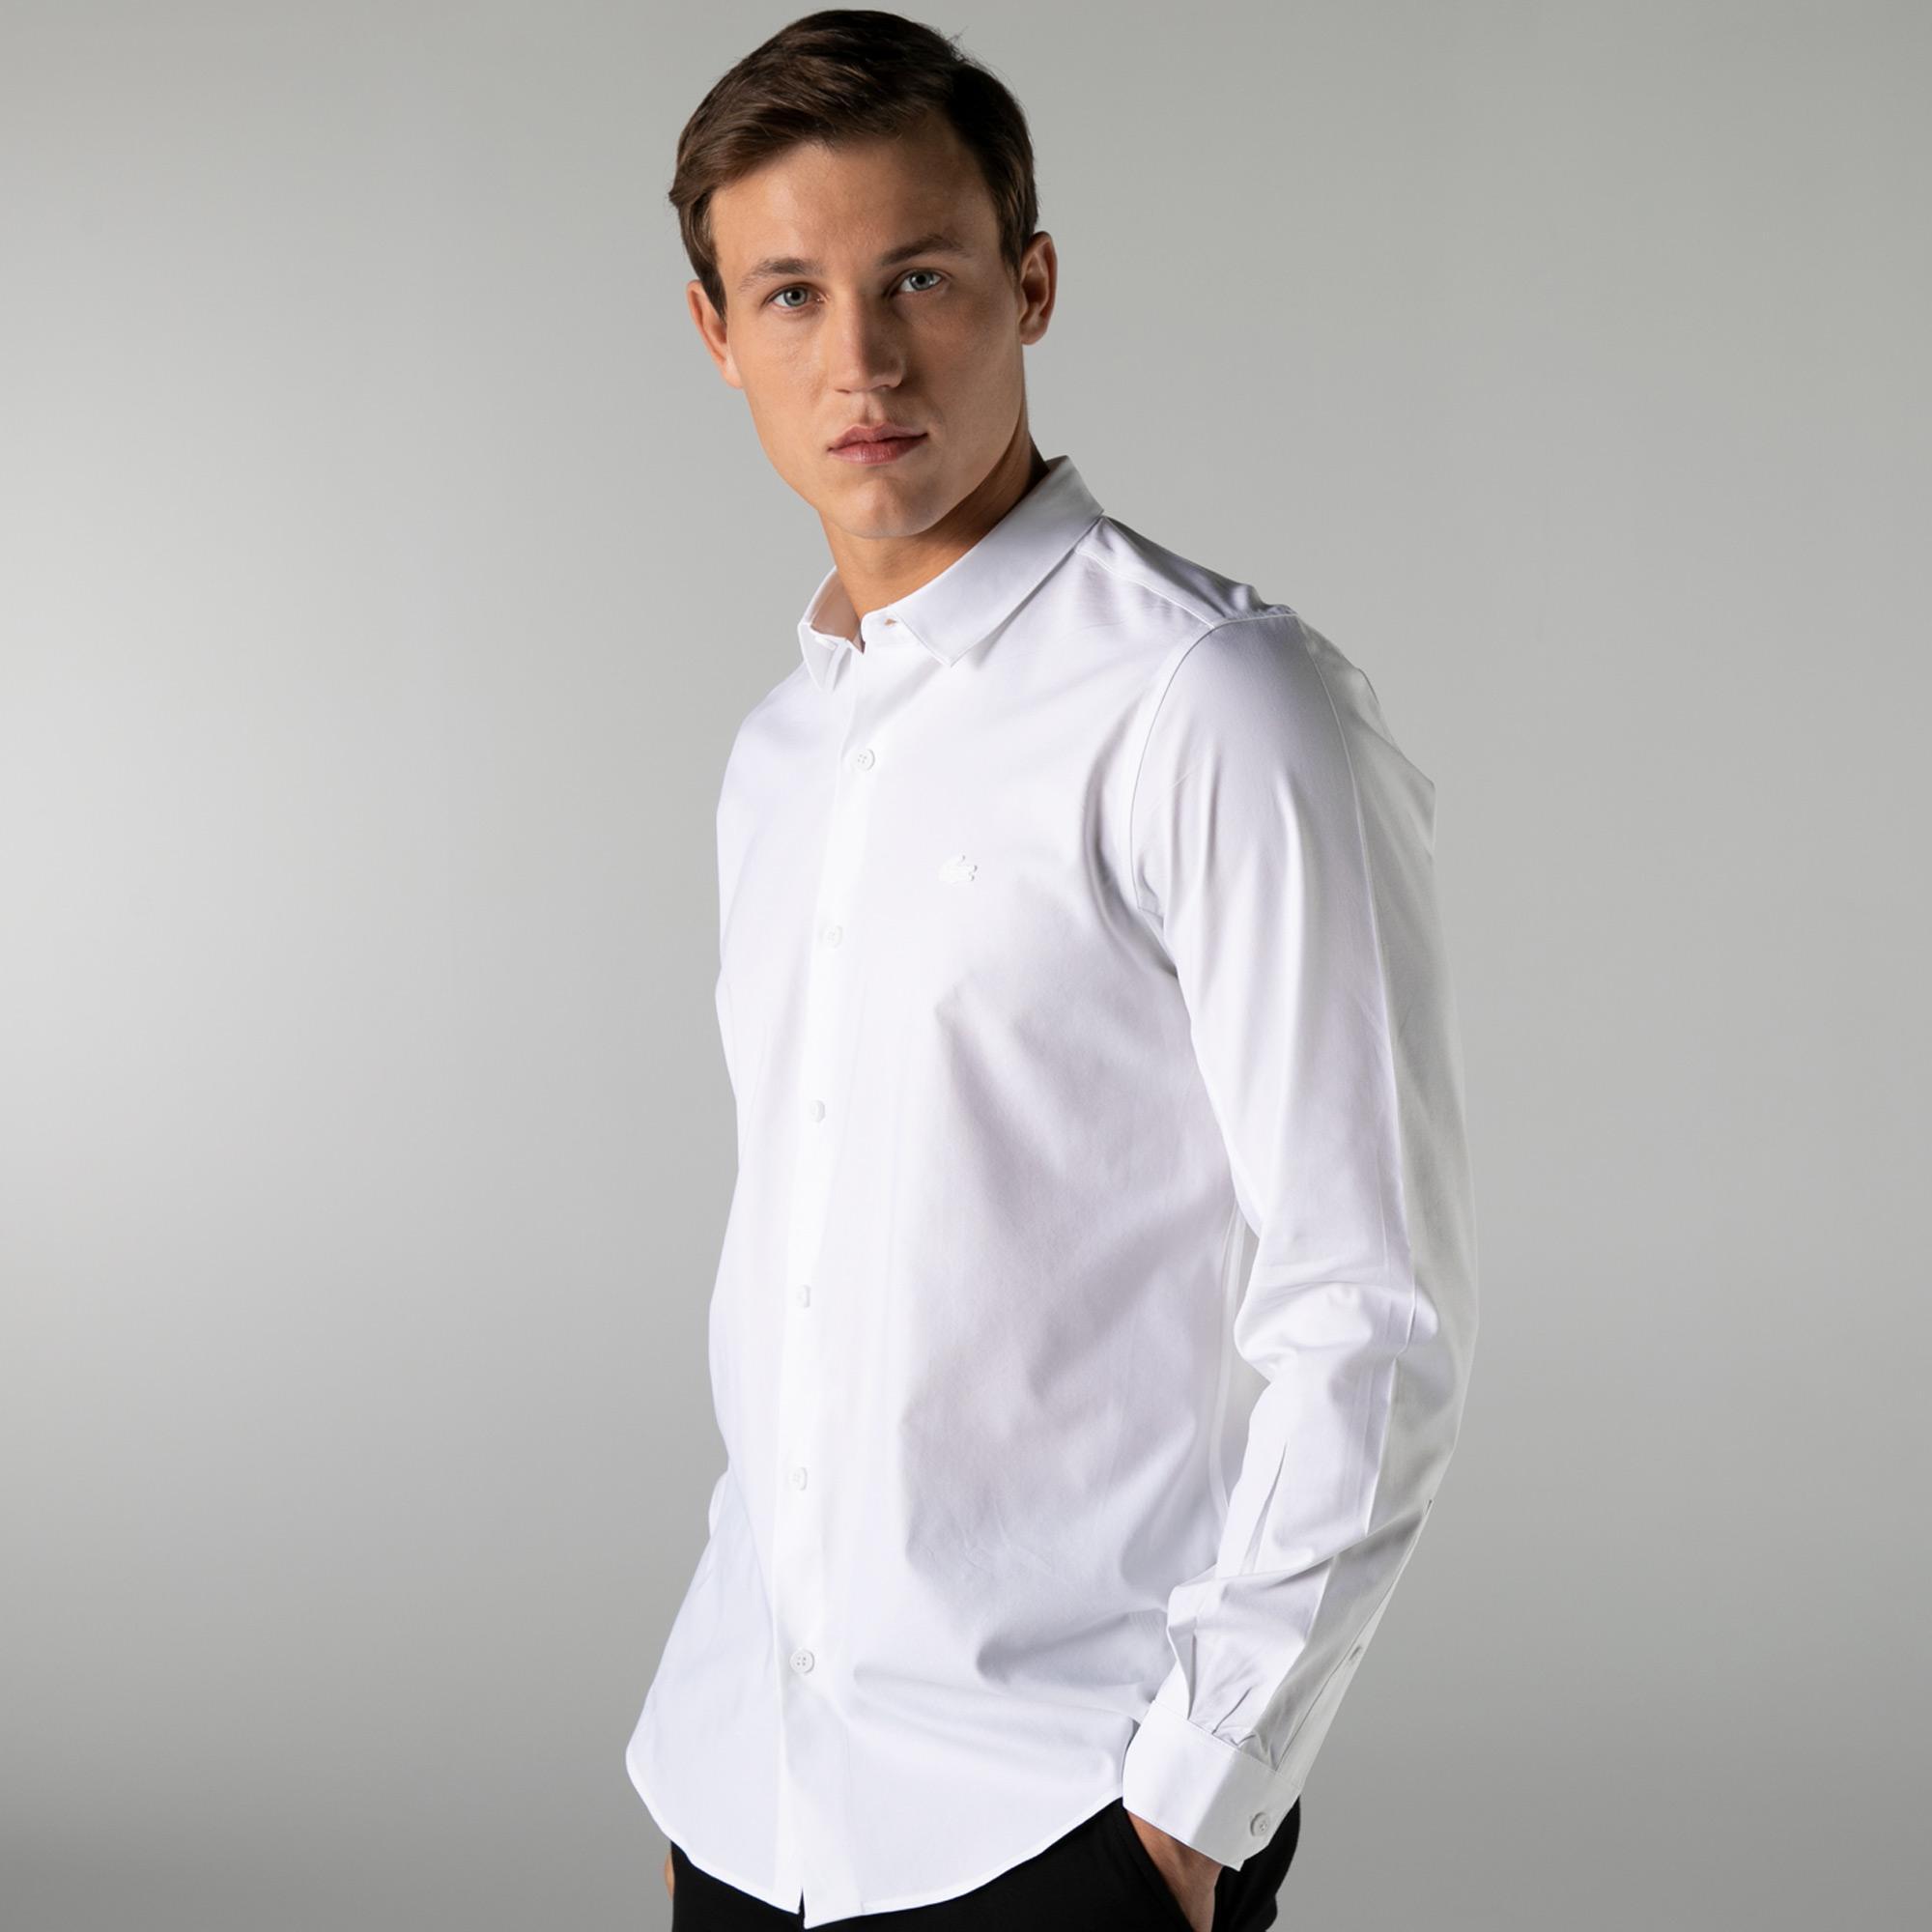 Lacoste Erkek Düğmeli Yaka Beyaz Gömlek